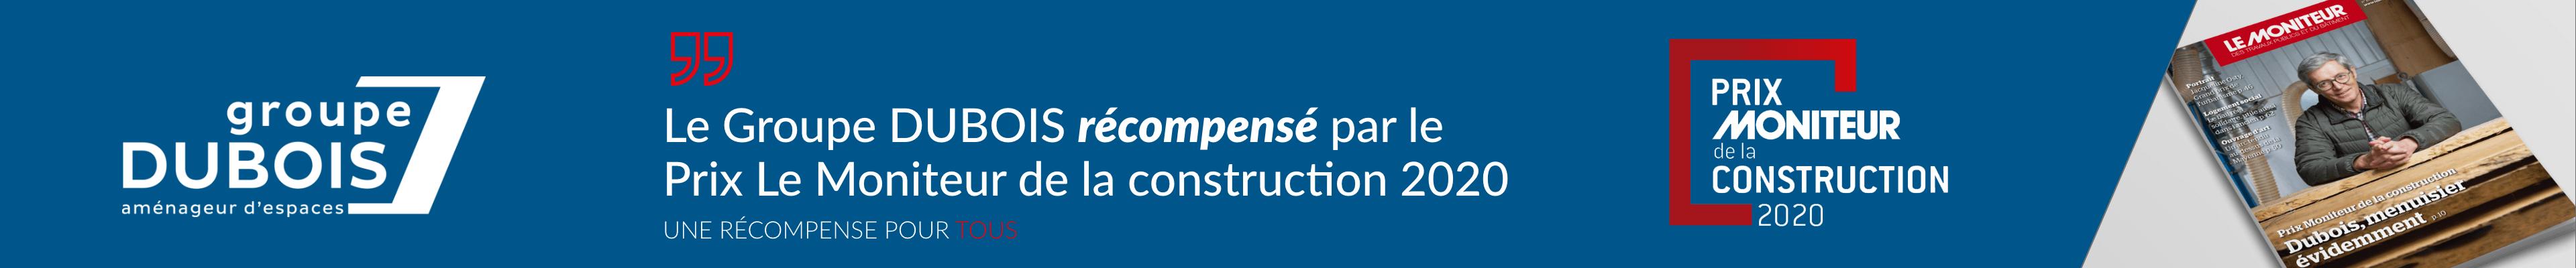 Bannière groupe DUBOIS - Prix Le Moniteur de la construction 2020